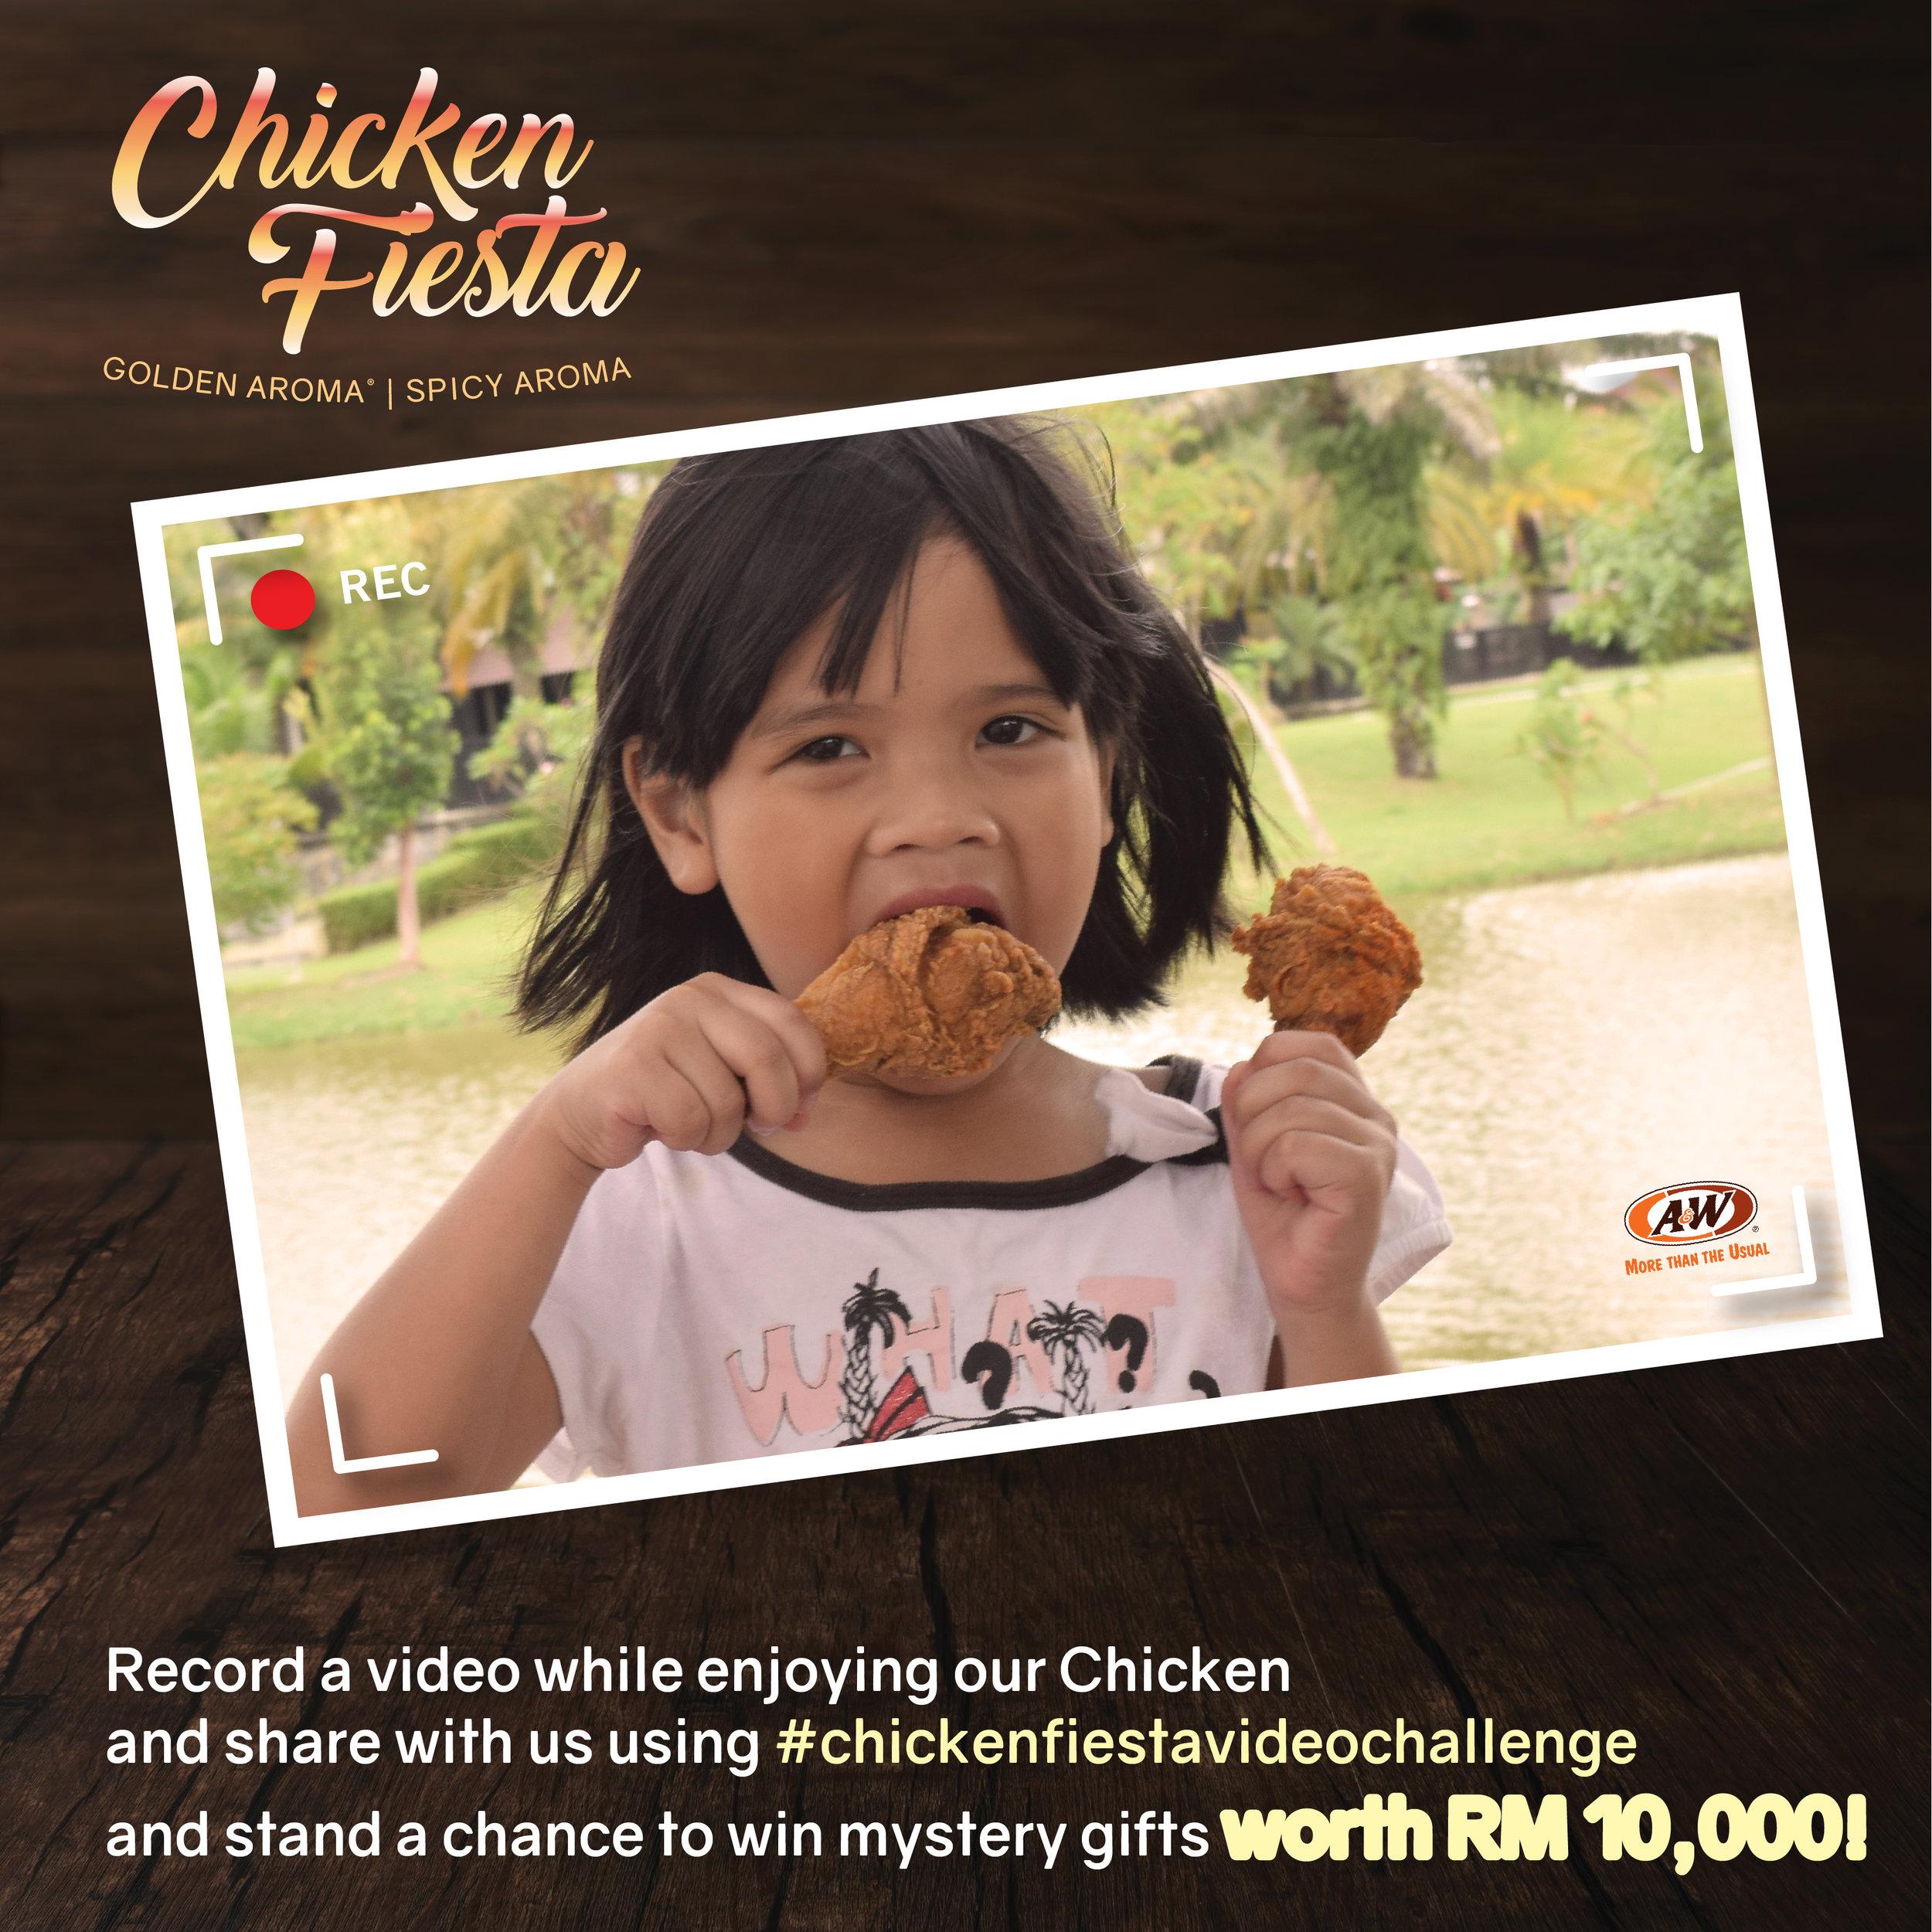 chickenfiestavideochallenge-01.jpg